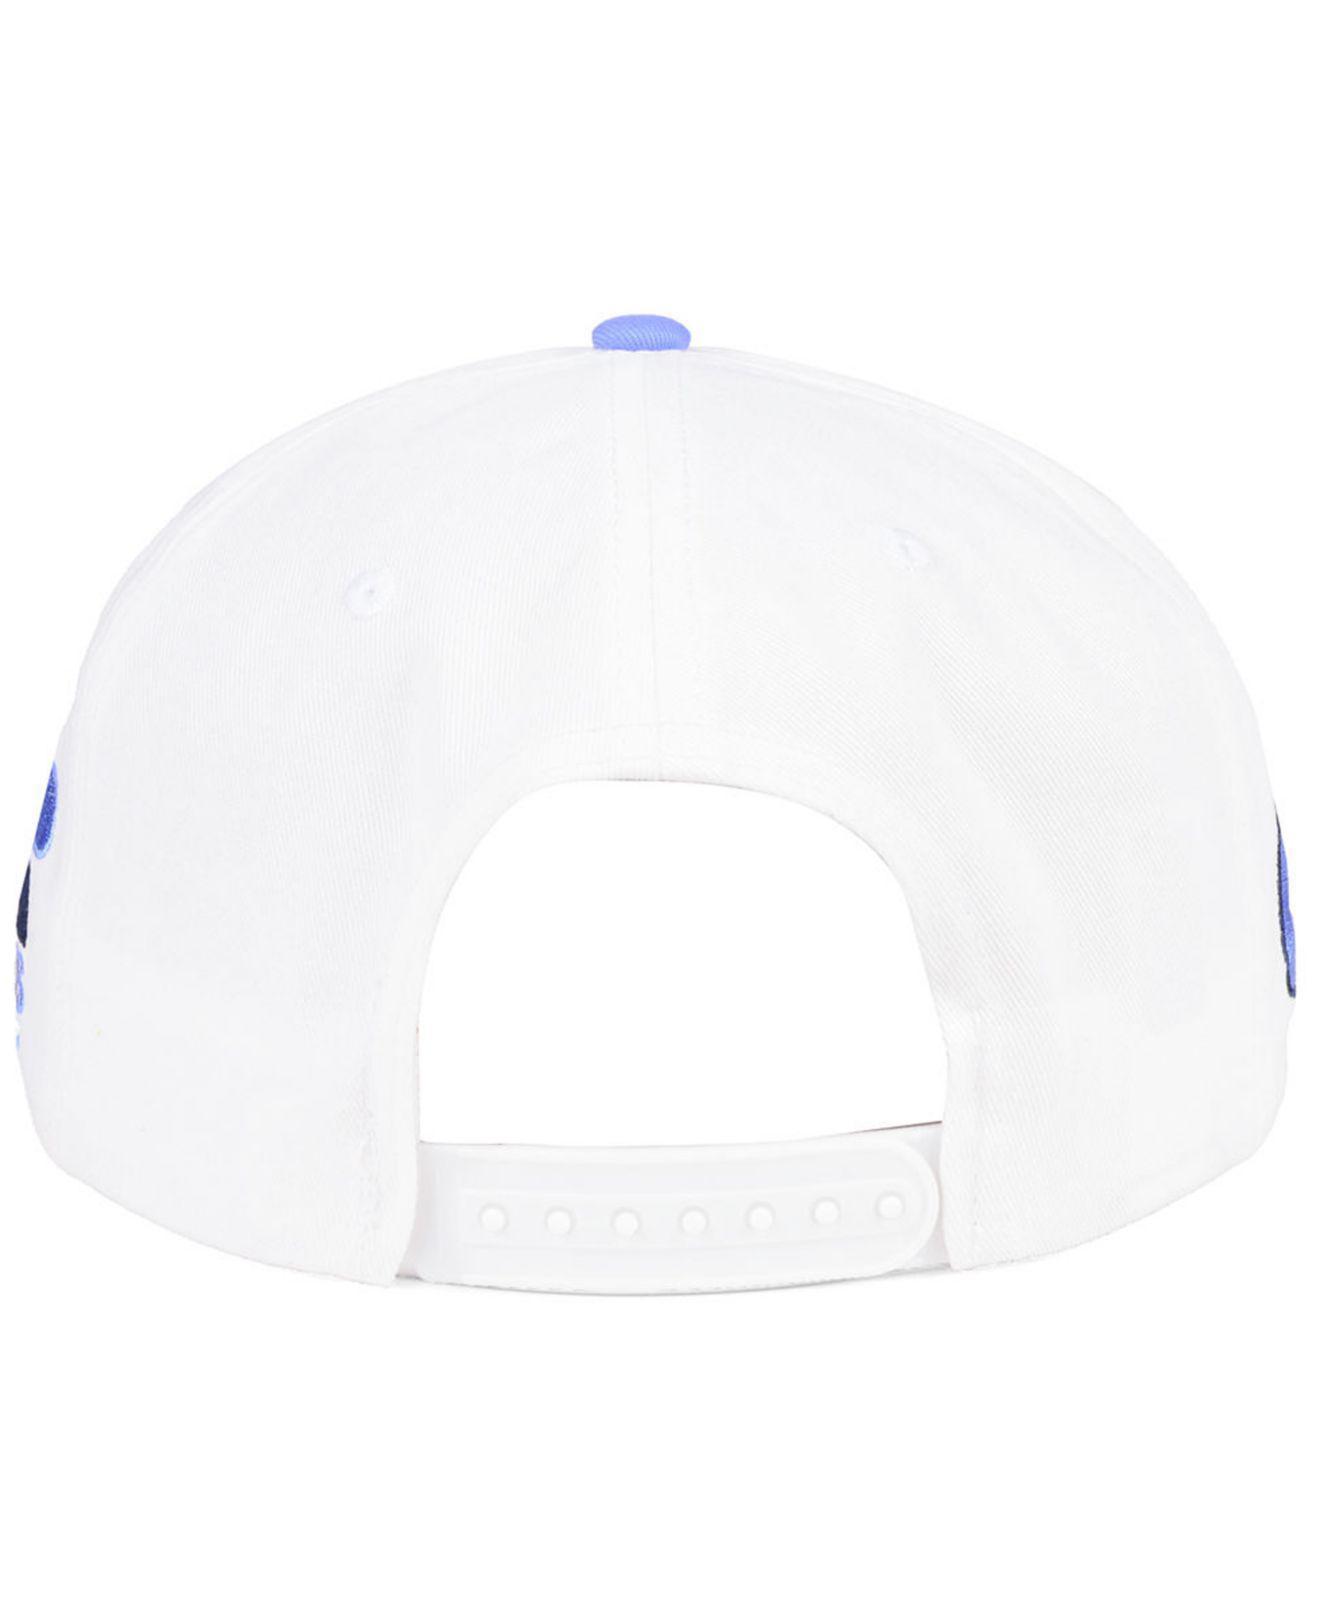 Lyst - Nike North Carolina Tar Heels Sport Specialties Snapback Cap ... f874522be0f4